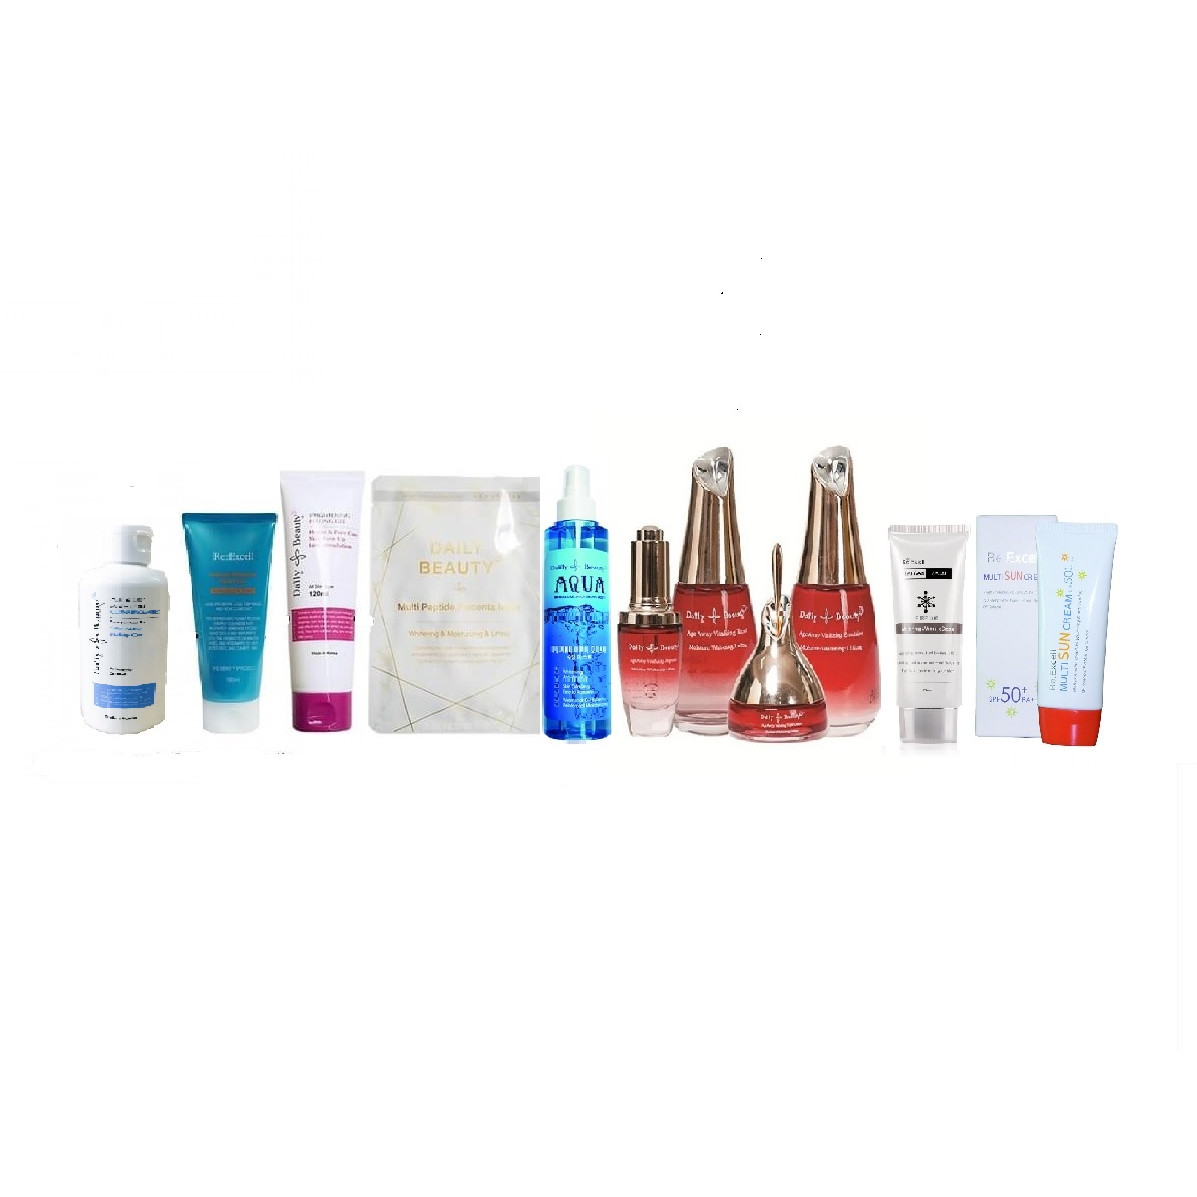 Bộ mỹ phẩm chăm sóc da khô Daily Beauty R&B Việt Nam nhập khẩu chính hãng LB Cosmetic Hàn Quốc, dưỡng ẩm, làm trắng, xóa nhăn, mờ nám tàn nhang, chăm sóc da khô toàn diện